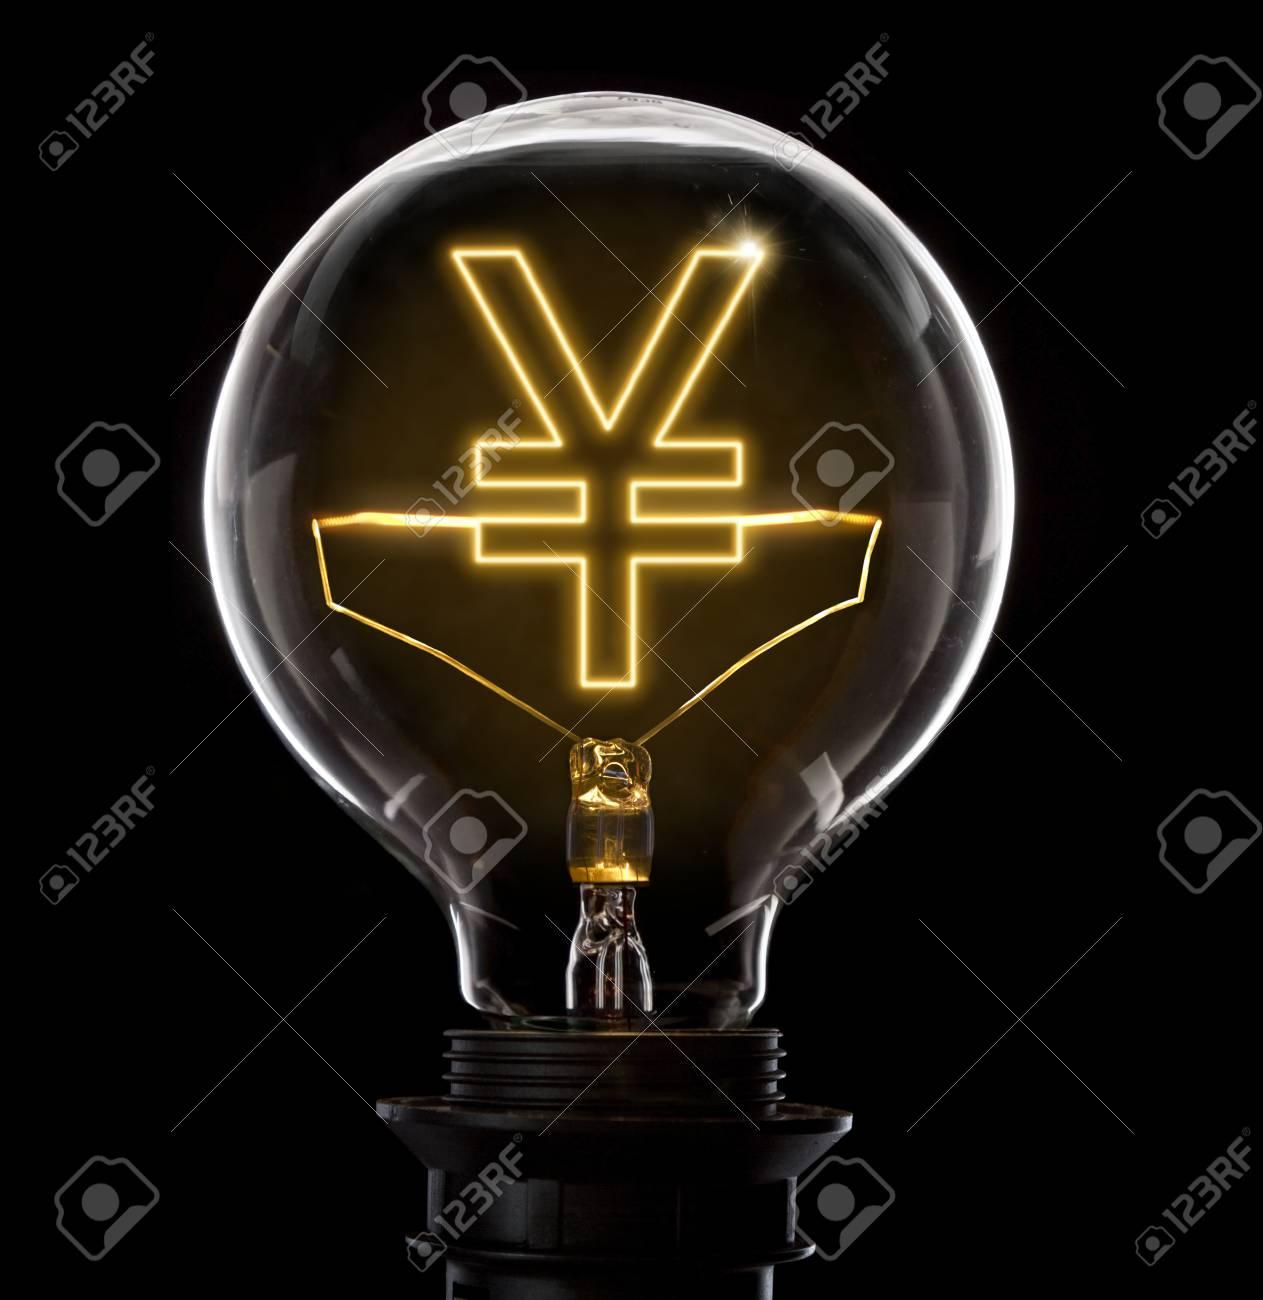 Saubere Und Glänzende Glühbirne Mit Einem Yen Oder Yuan Symbol Als ...